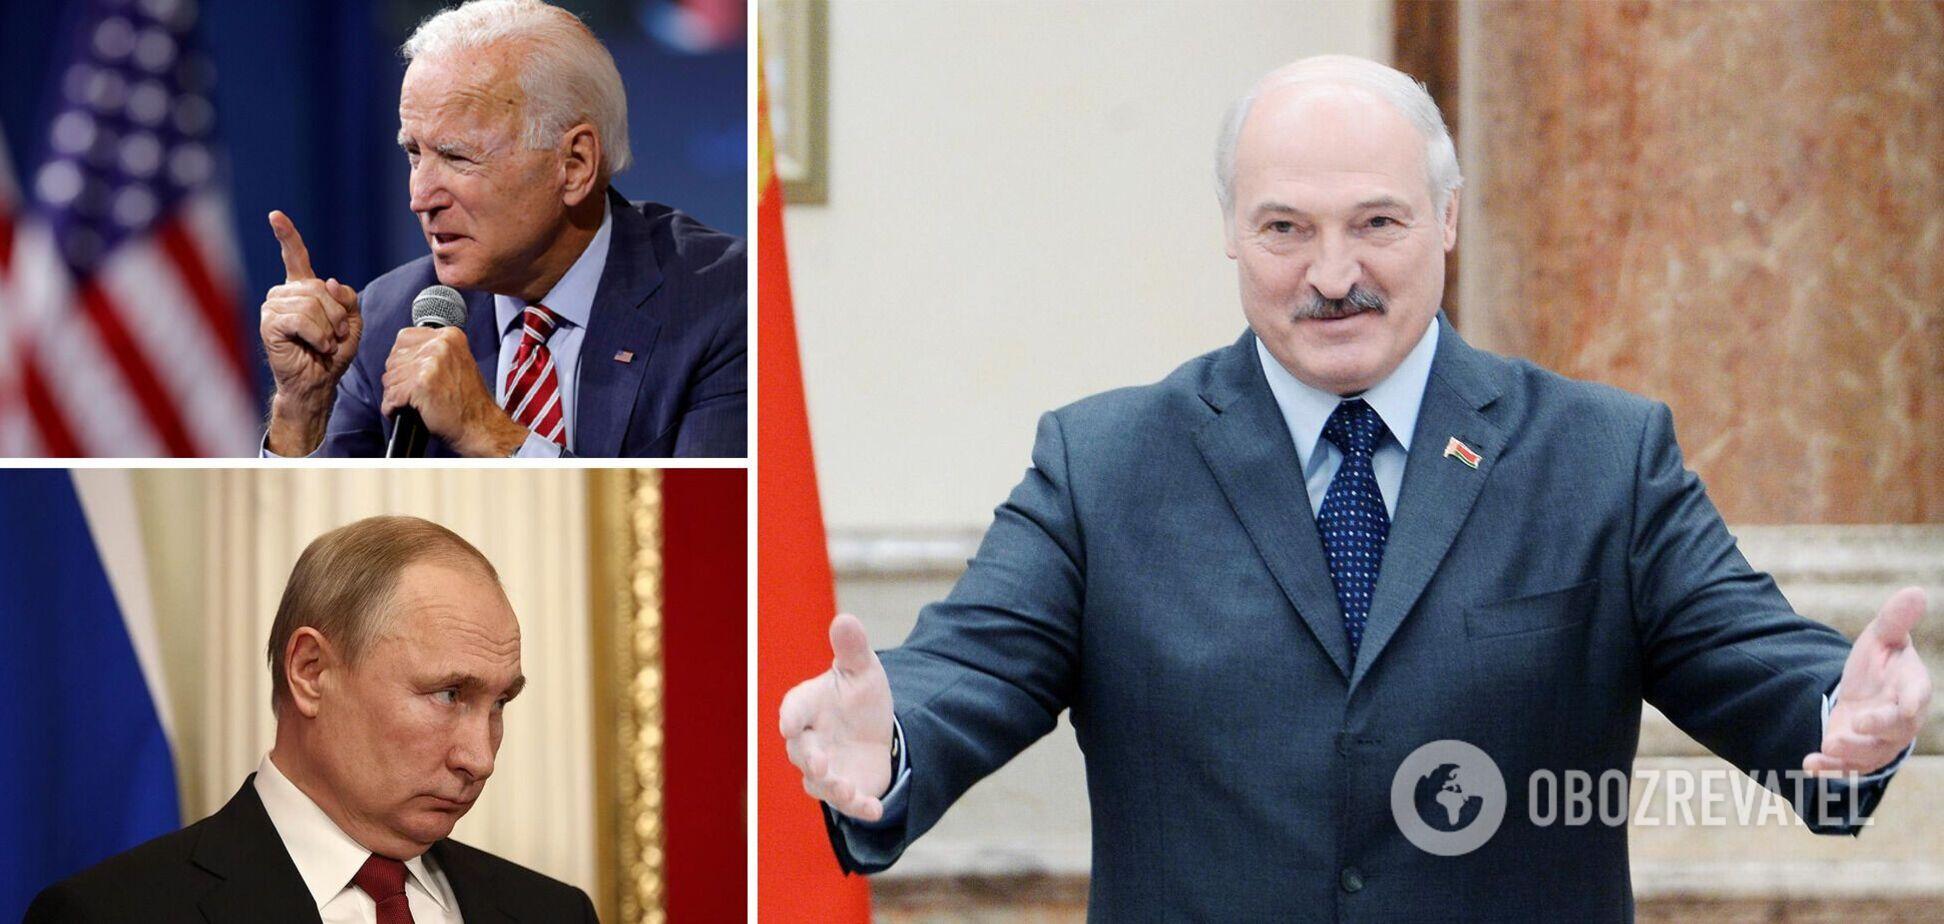 Лукашенко грубо высказался о Байдене, позвав их с Путиным в Минск